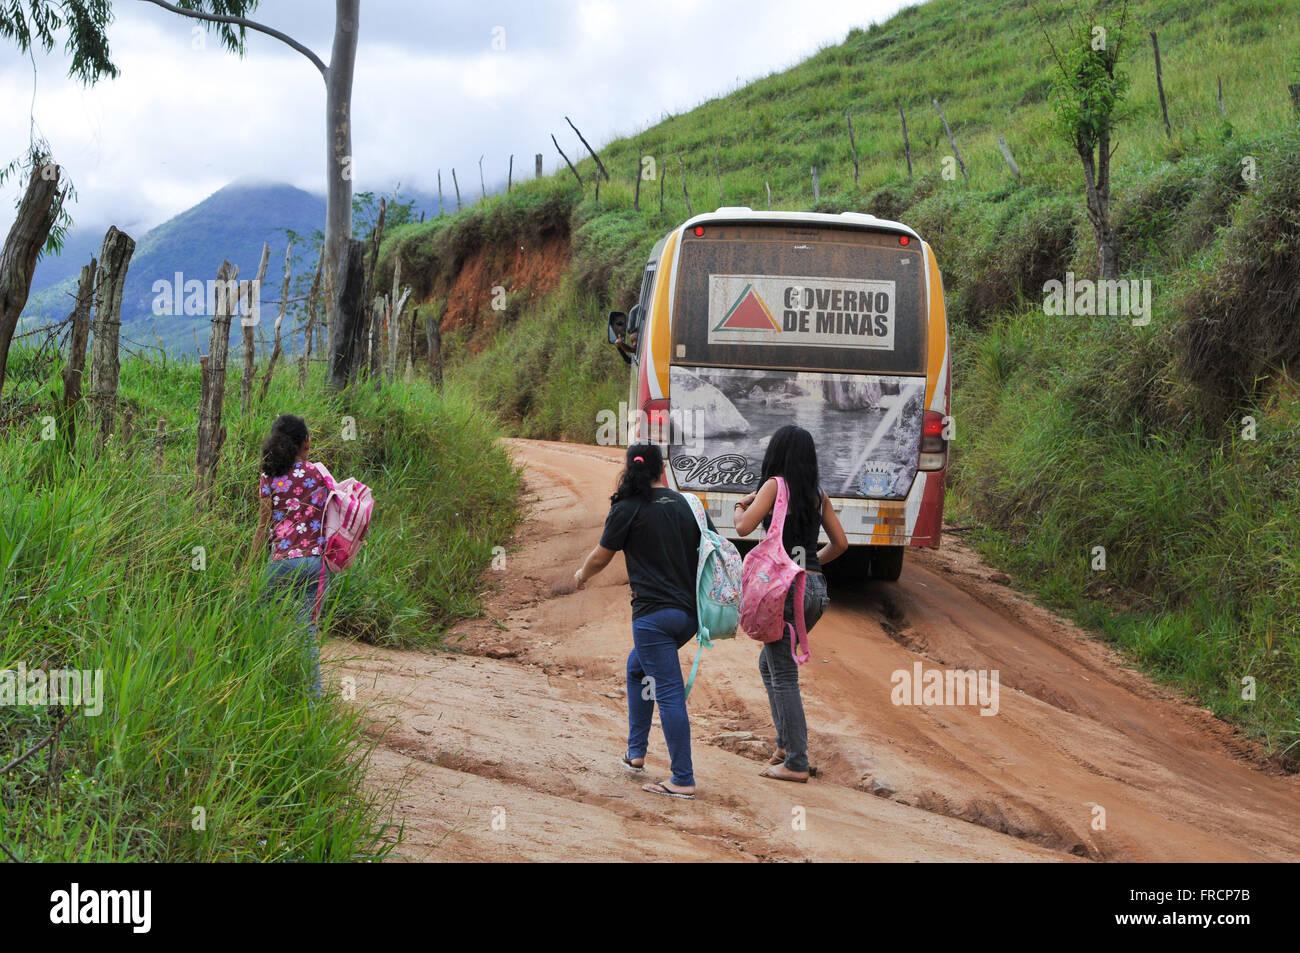 Les adolescents et les transports scolaires route de terre dans la campagne Banque D'Images